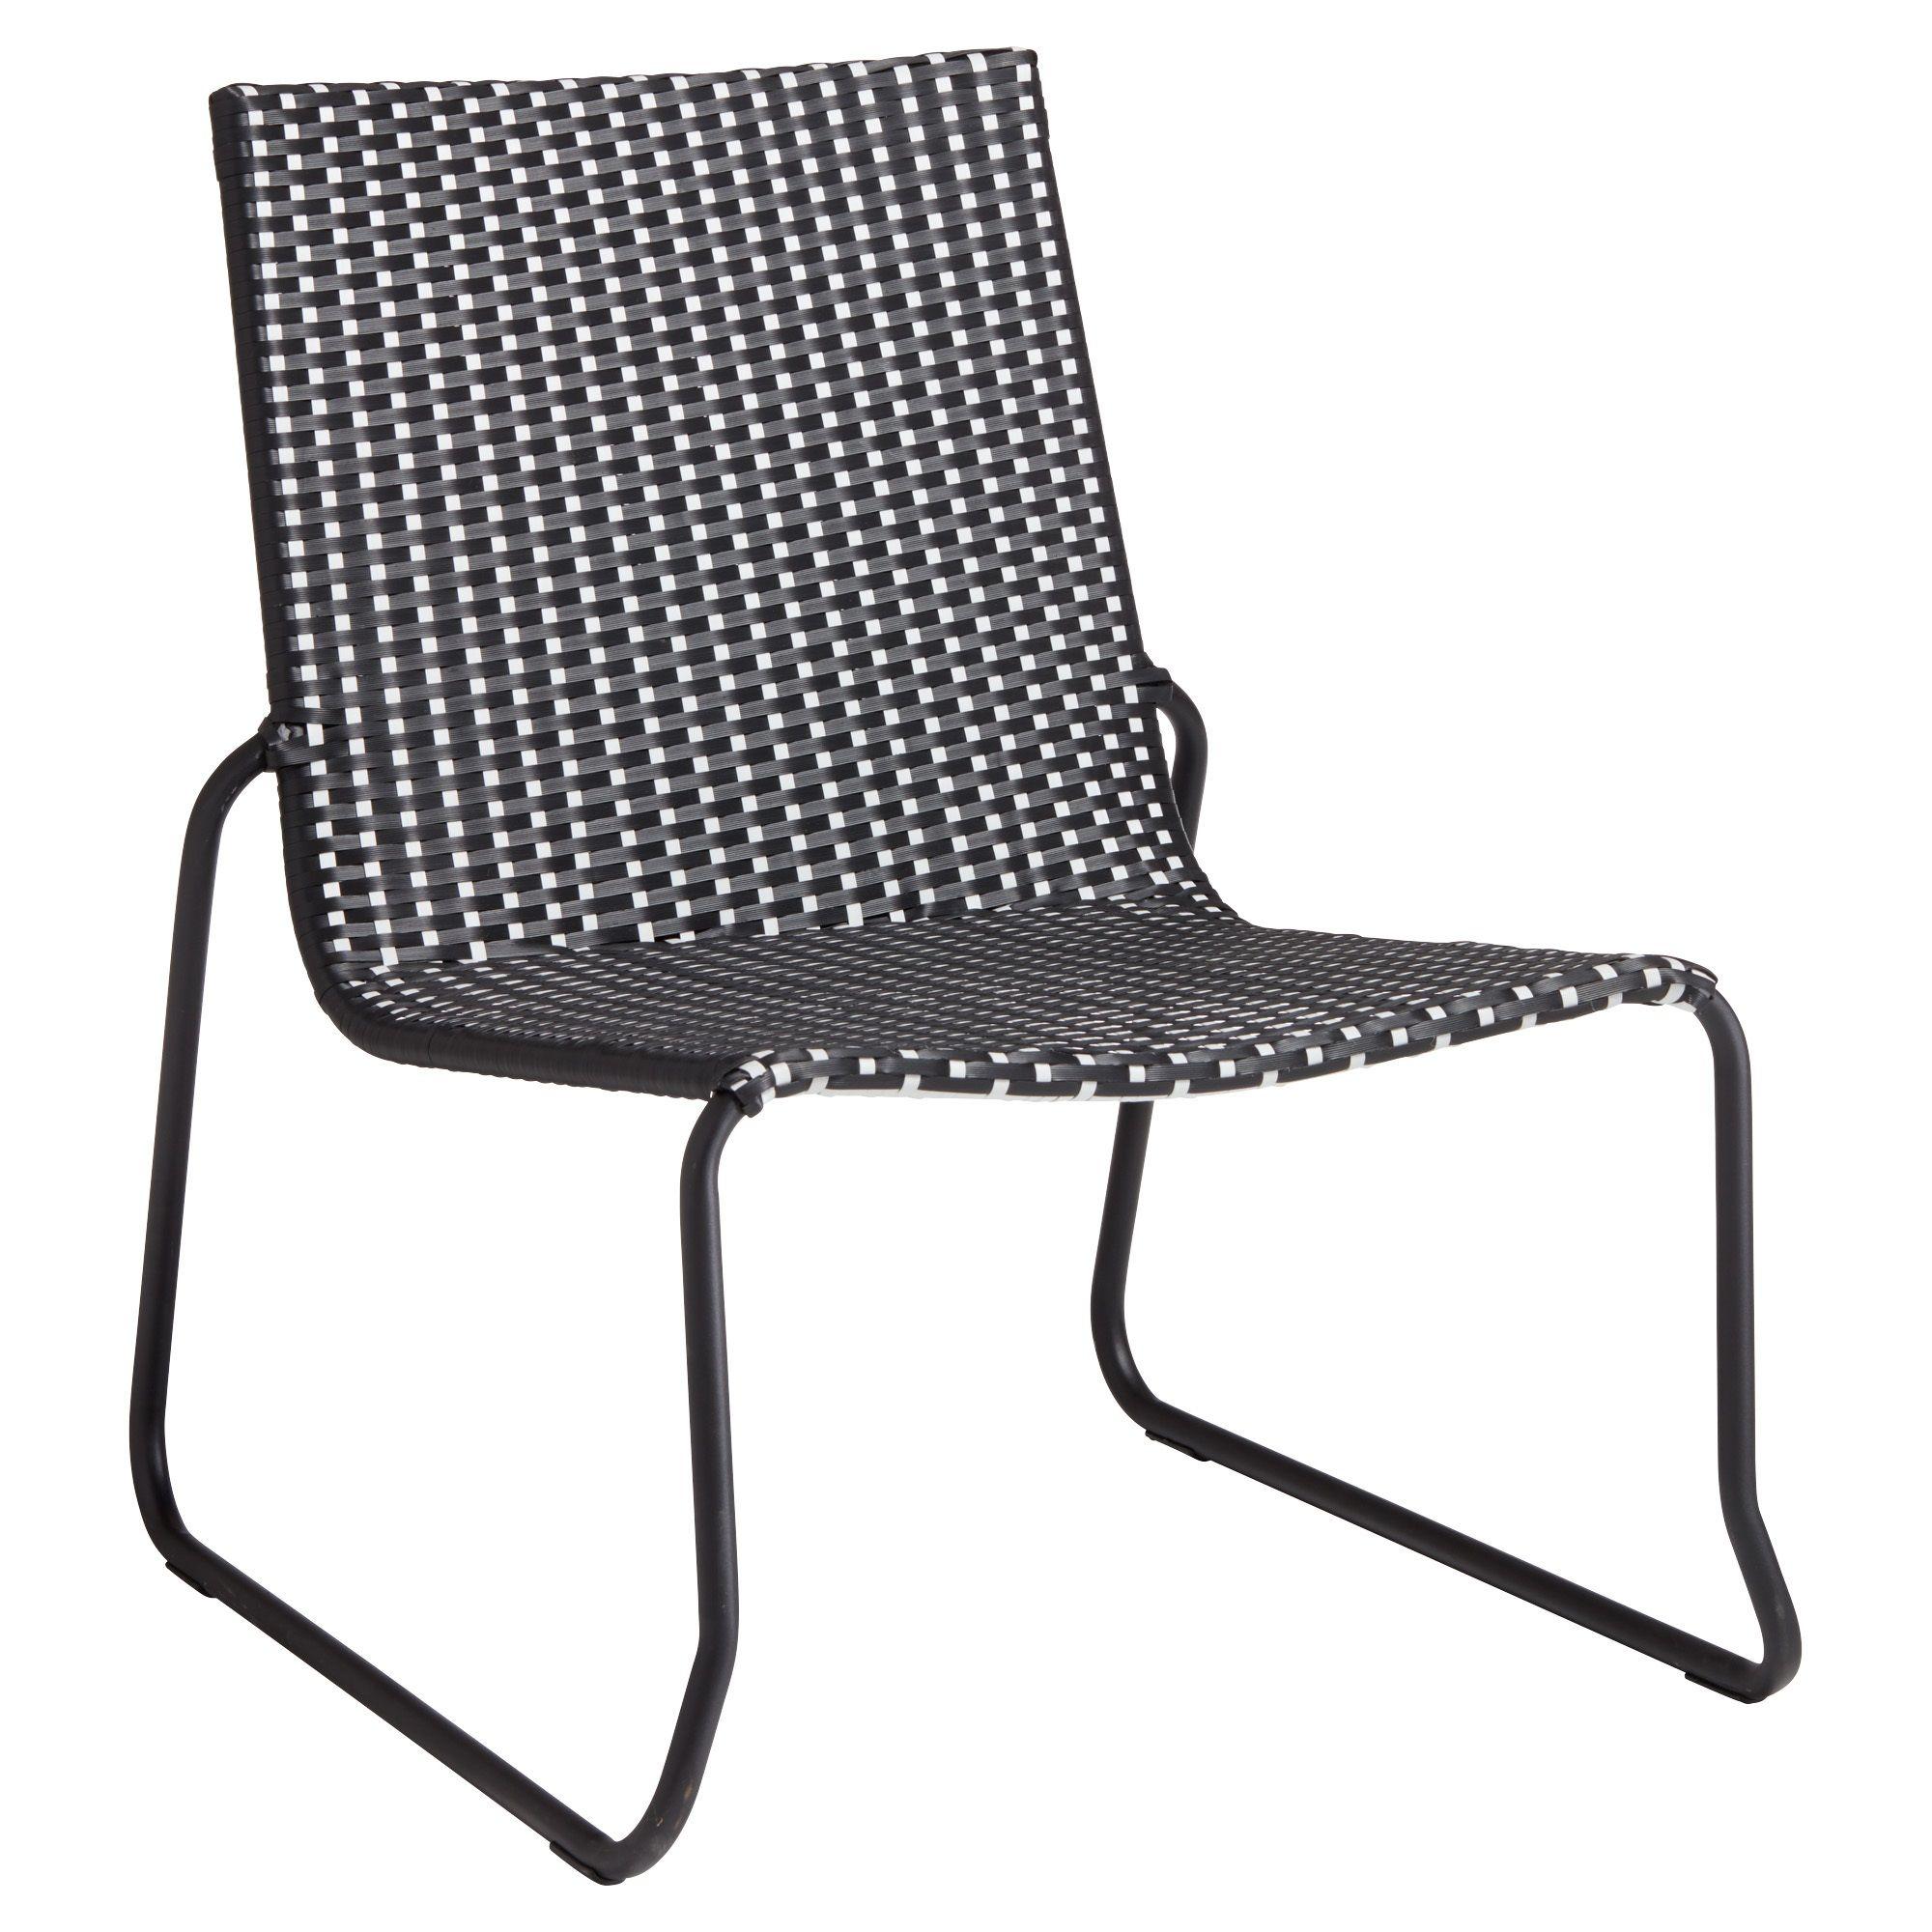 Zwarte Lounge Stoel.Loungestoel Met Stoere Zwarte Vormgeving 65x70x75 Cm Lxbxh Tuin